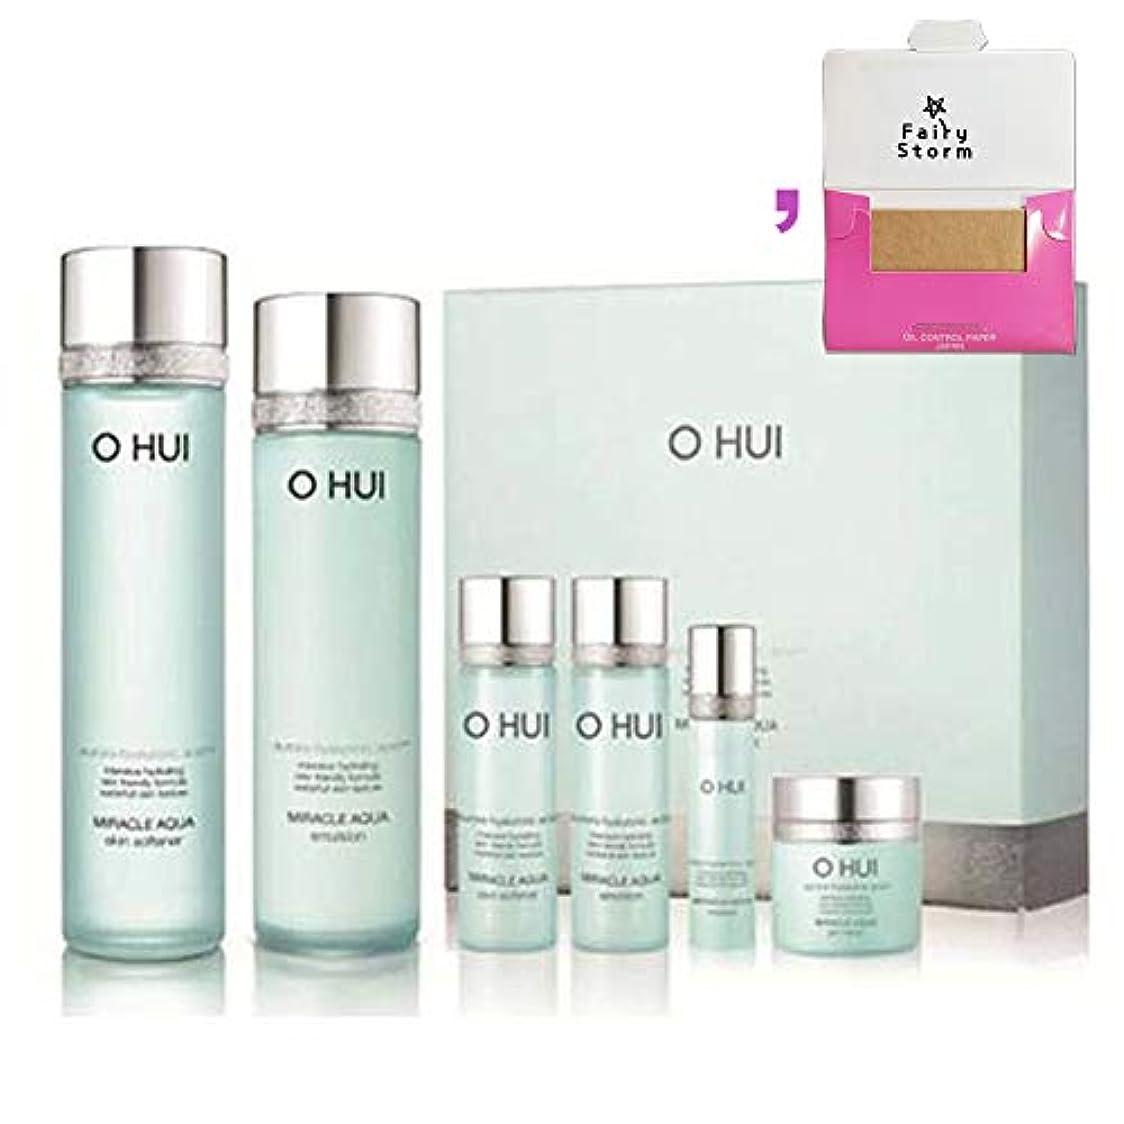 冬材料アメリカ[オフィ/O HUI]韓国化粧品LG生活健康/O HUI MIRACLE AQUA SPECIAL 2EA SET/ミラクルアクア 2種セット+[Sample Gift](海外直送品)